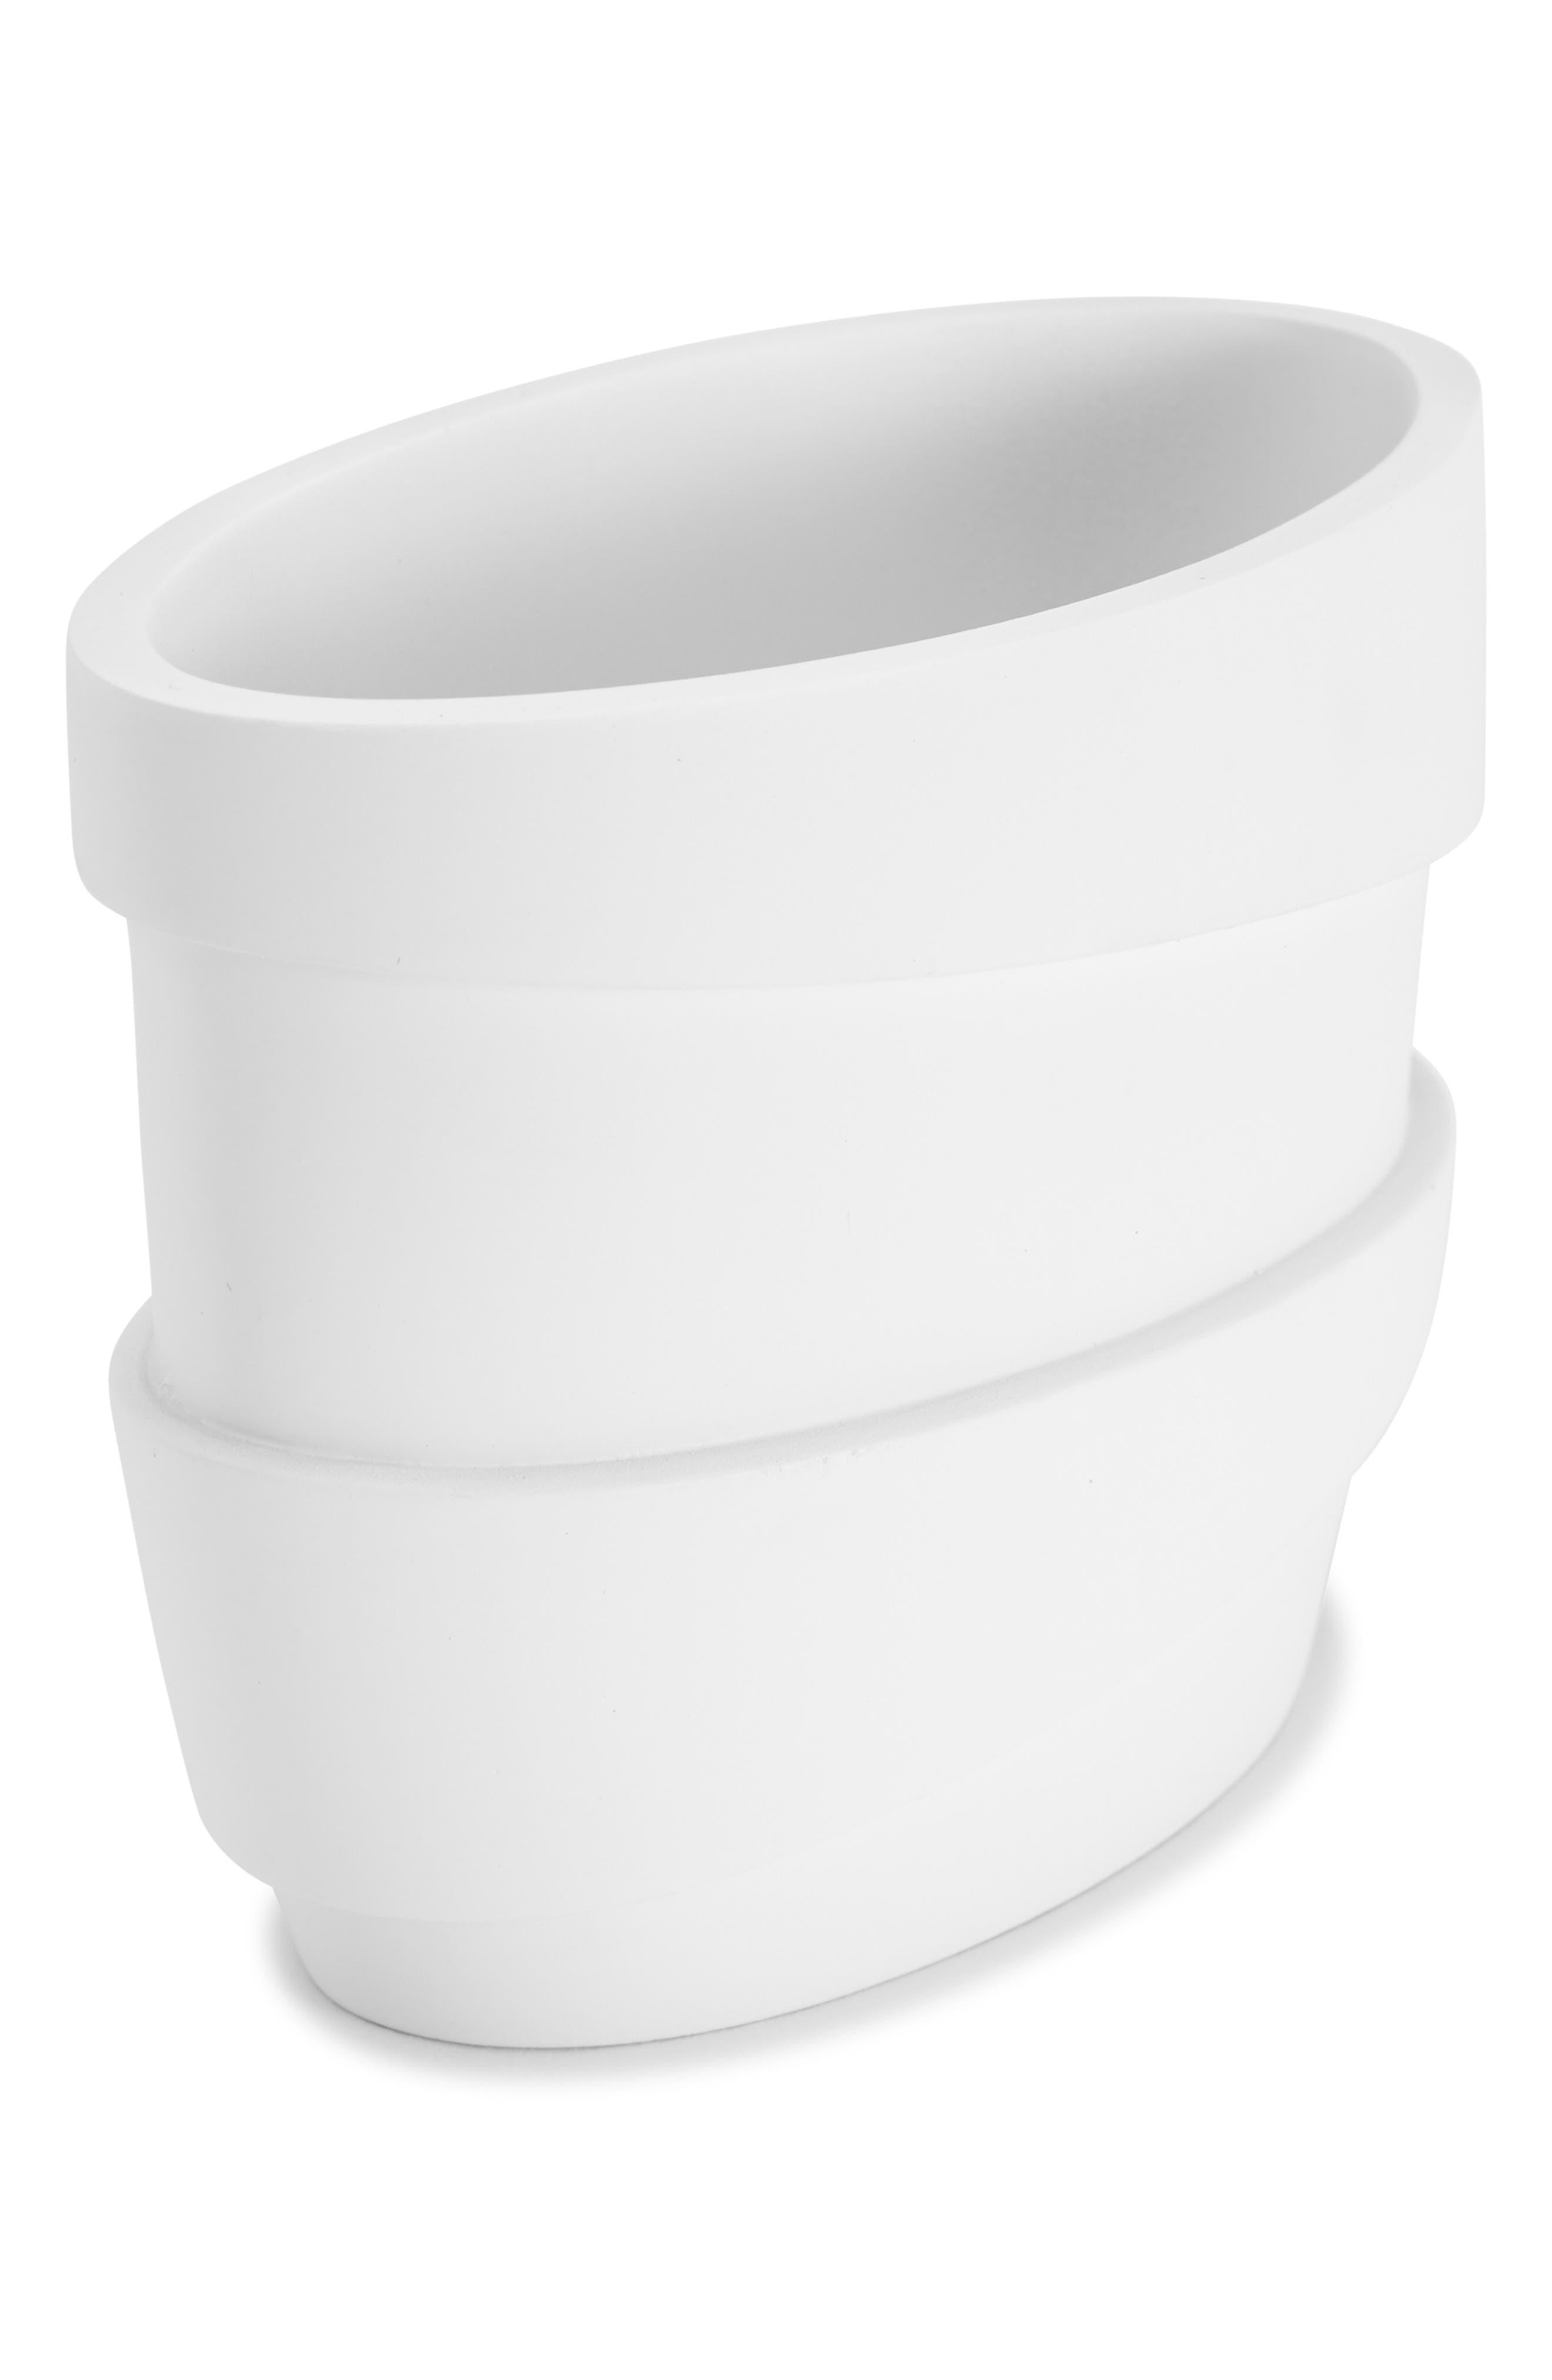 KASSATEX,                             Alpine Toothbrush Holder,                             Main thumbnail 1, color,                             WHITE